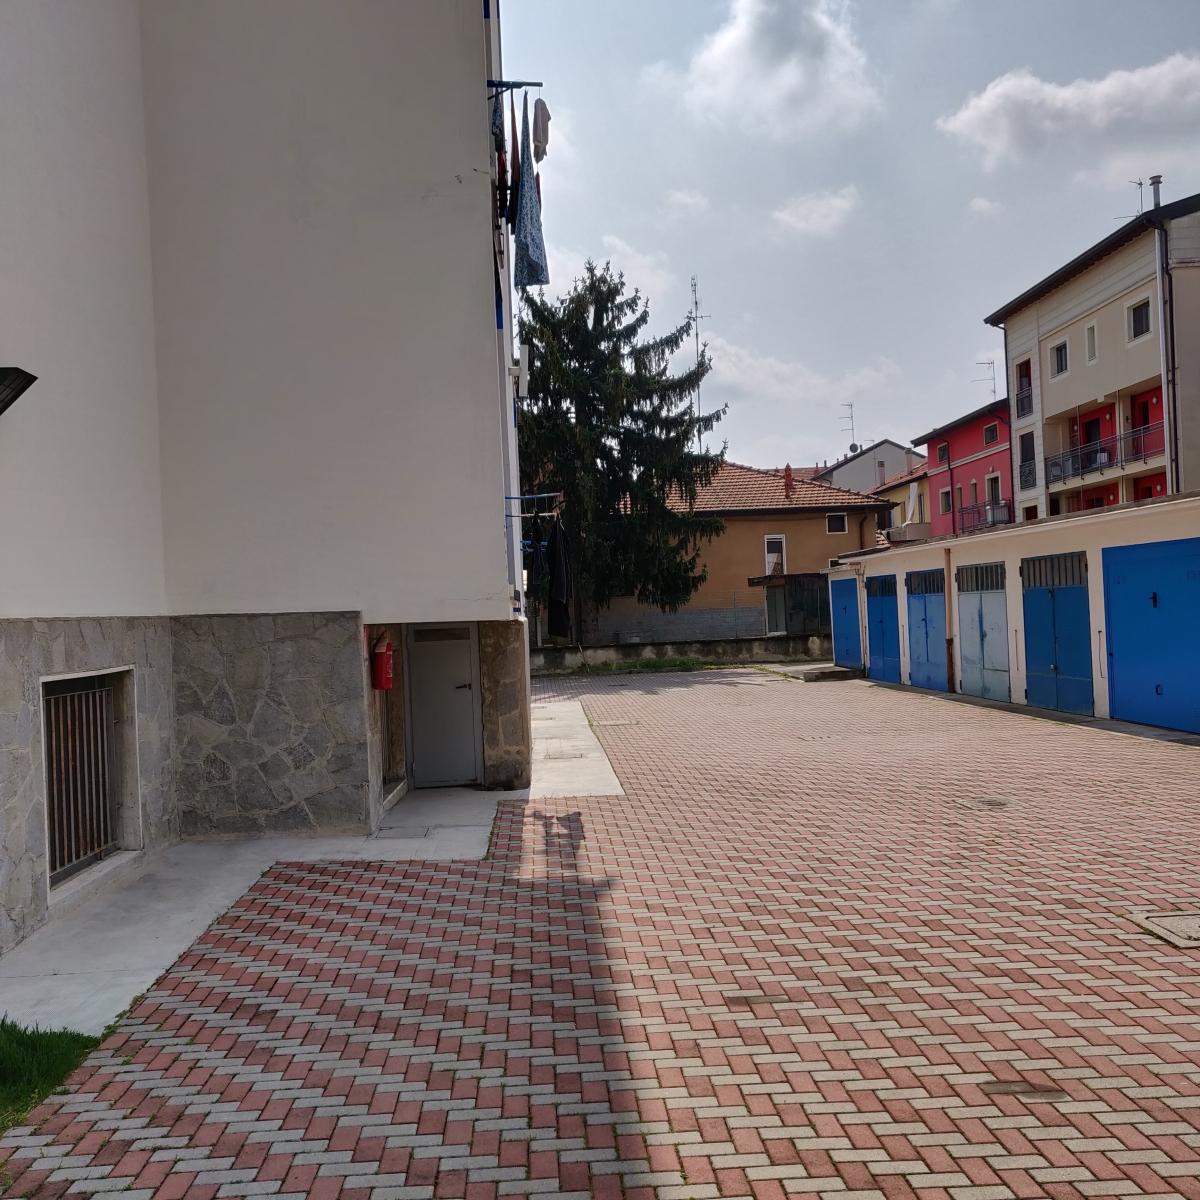 appartamento-in-vendita-via-bisi-milano-baggio-2-locali-bilocale-spaziourbano-immobiliare-vende-17